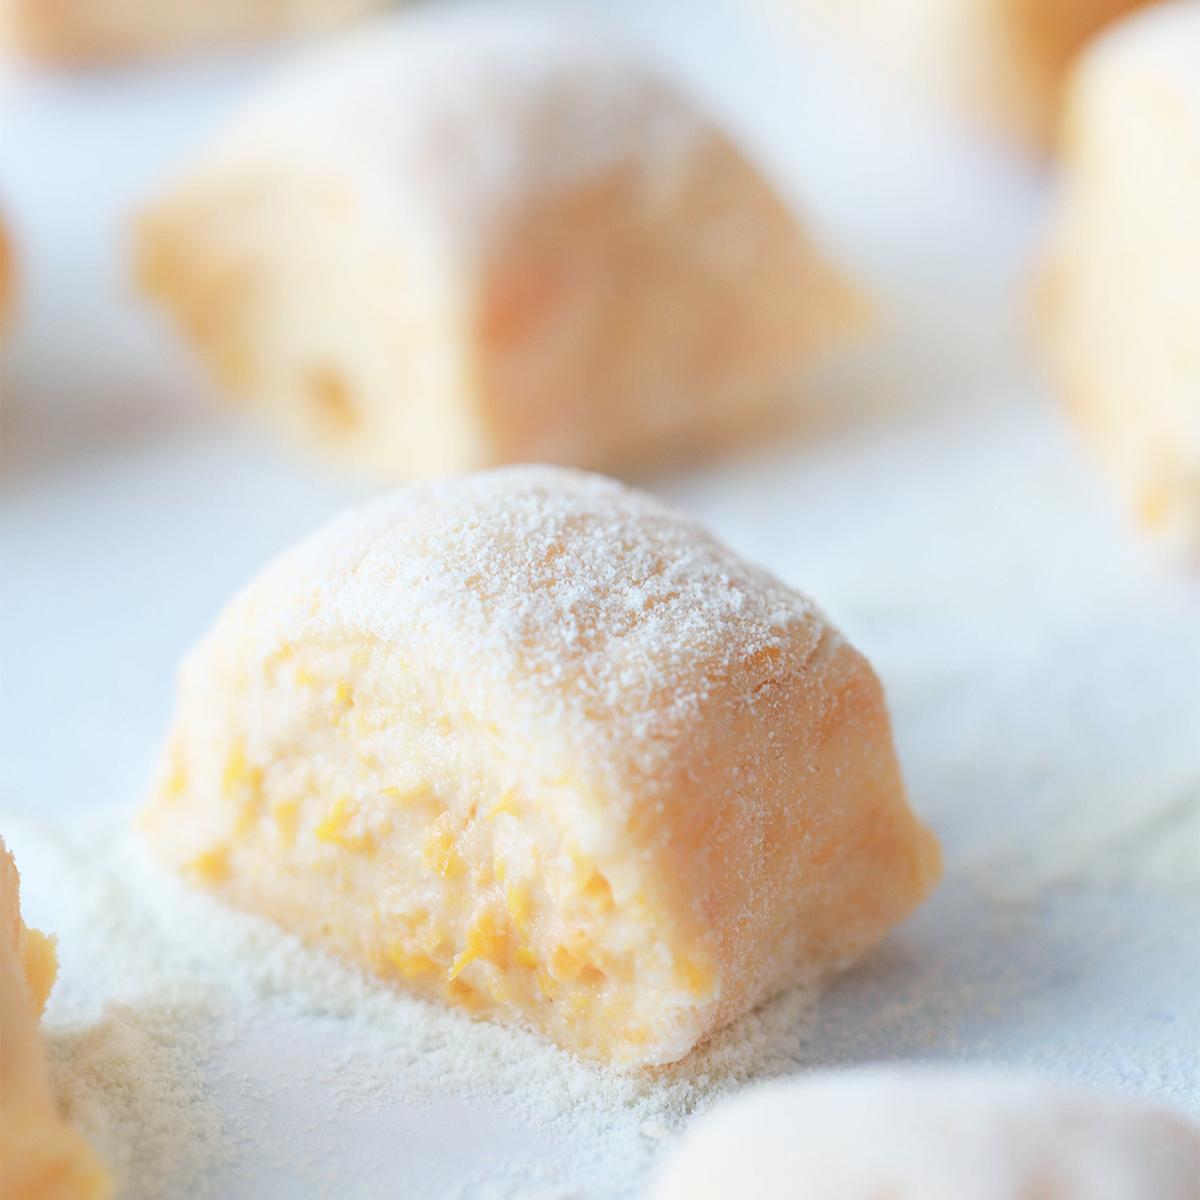 Puhasti njoki iz sladkega krompirja